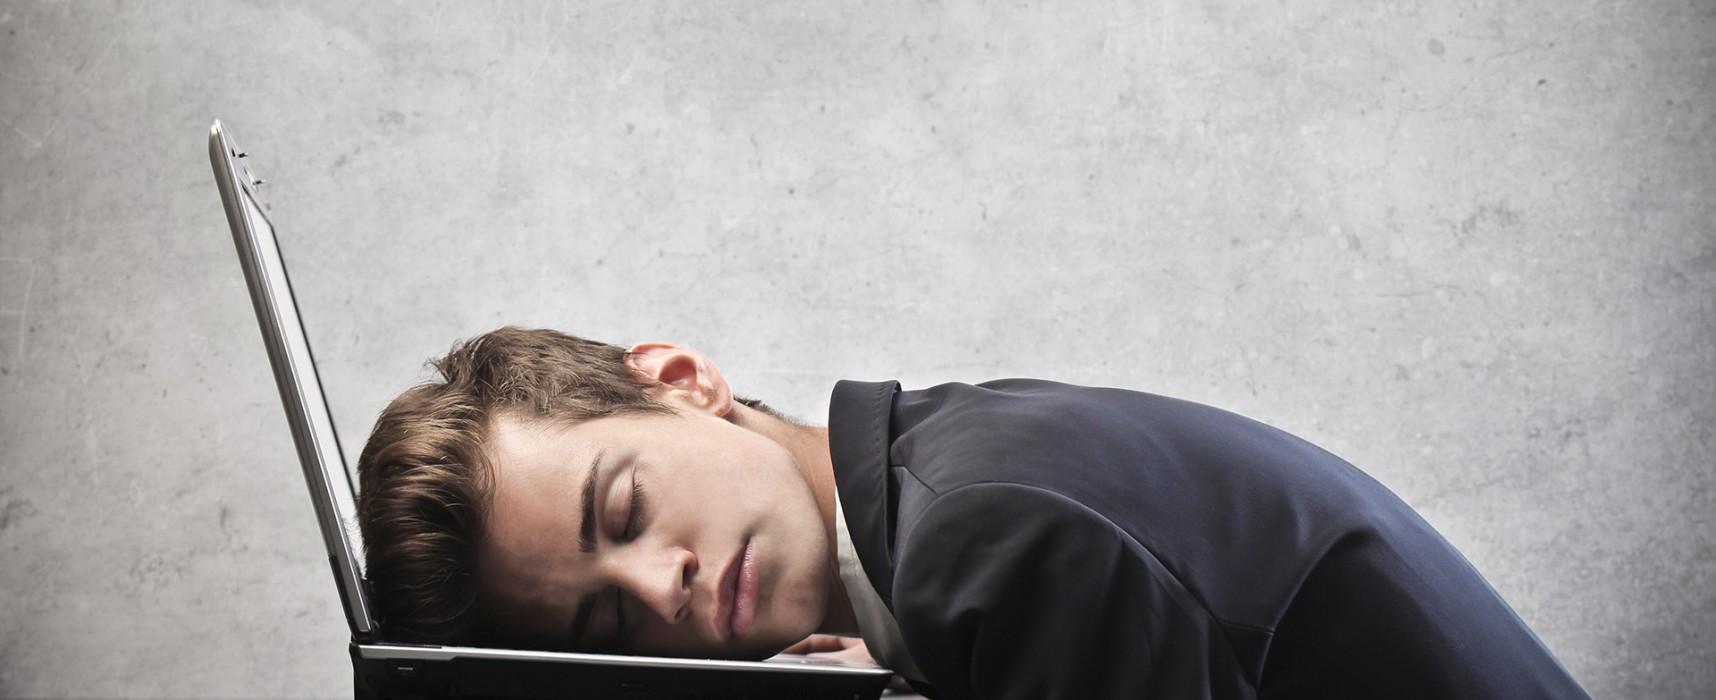 Dormir com a TV ou computador ligado pode gerar depressão